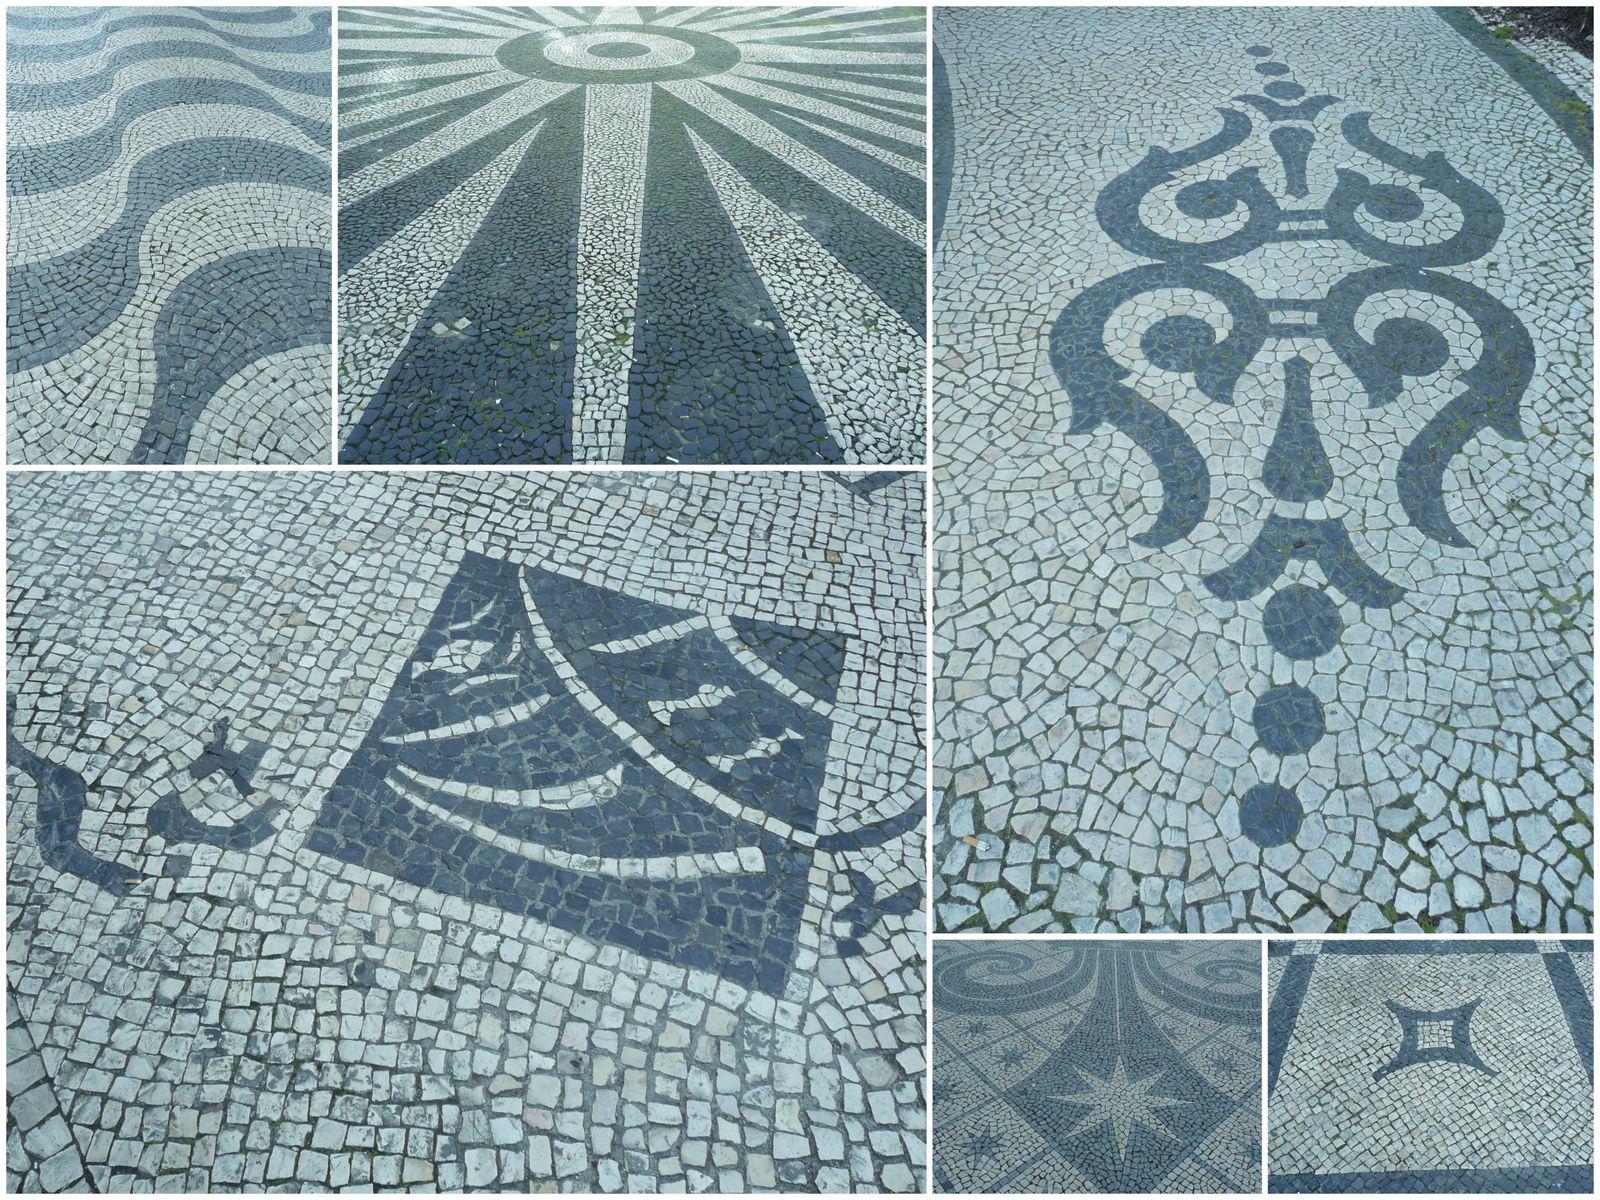 """Tous les trottoires de Lisbonne sont pavés, mais pas """"simplement pavés"""", non ils sont pavés en noir et blanc, selon de nombreux motifs, différents selon les quartiers, les rues, les places,..."""